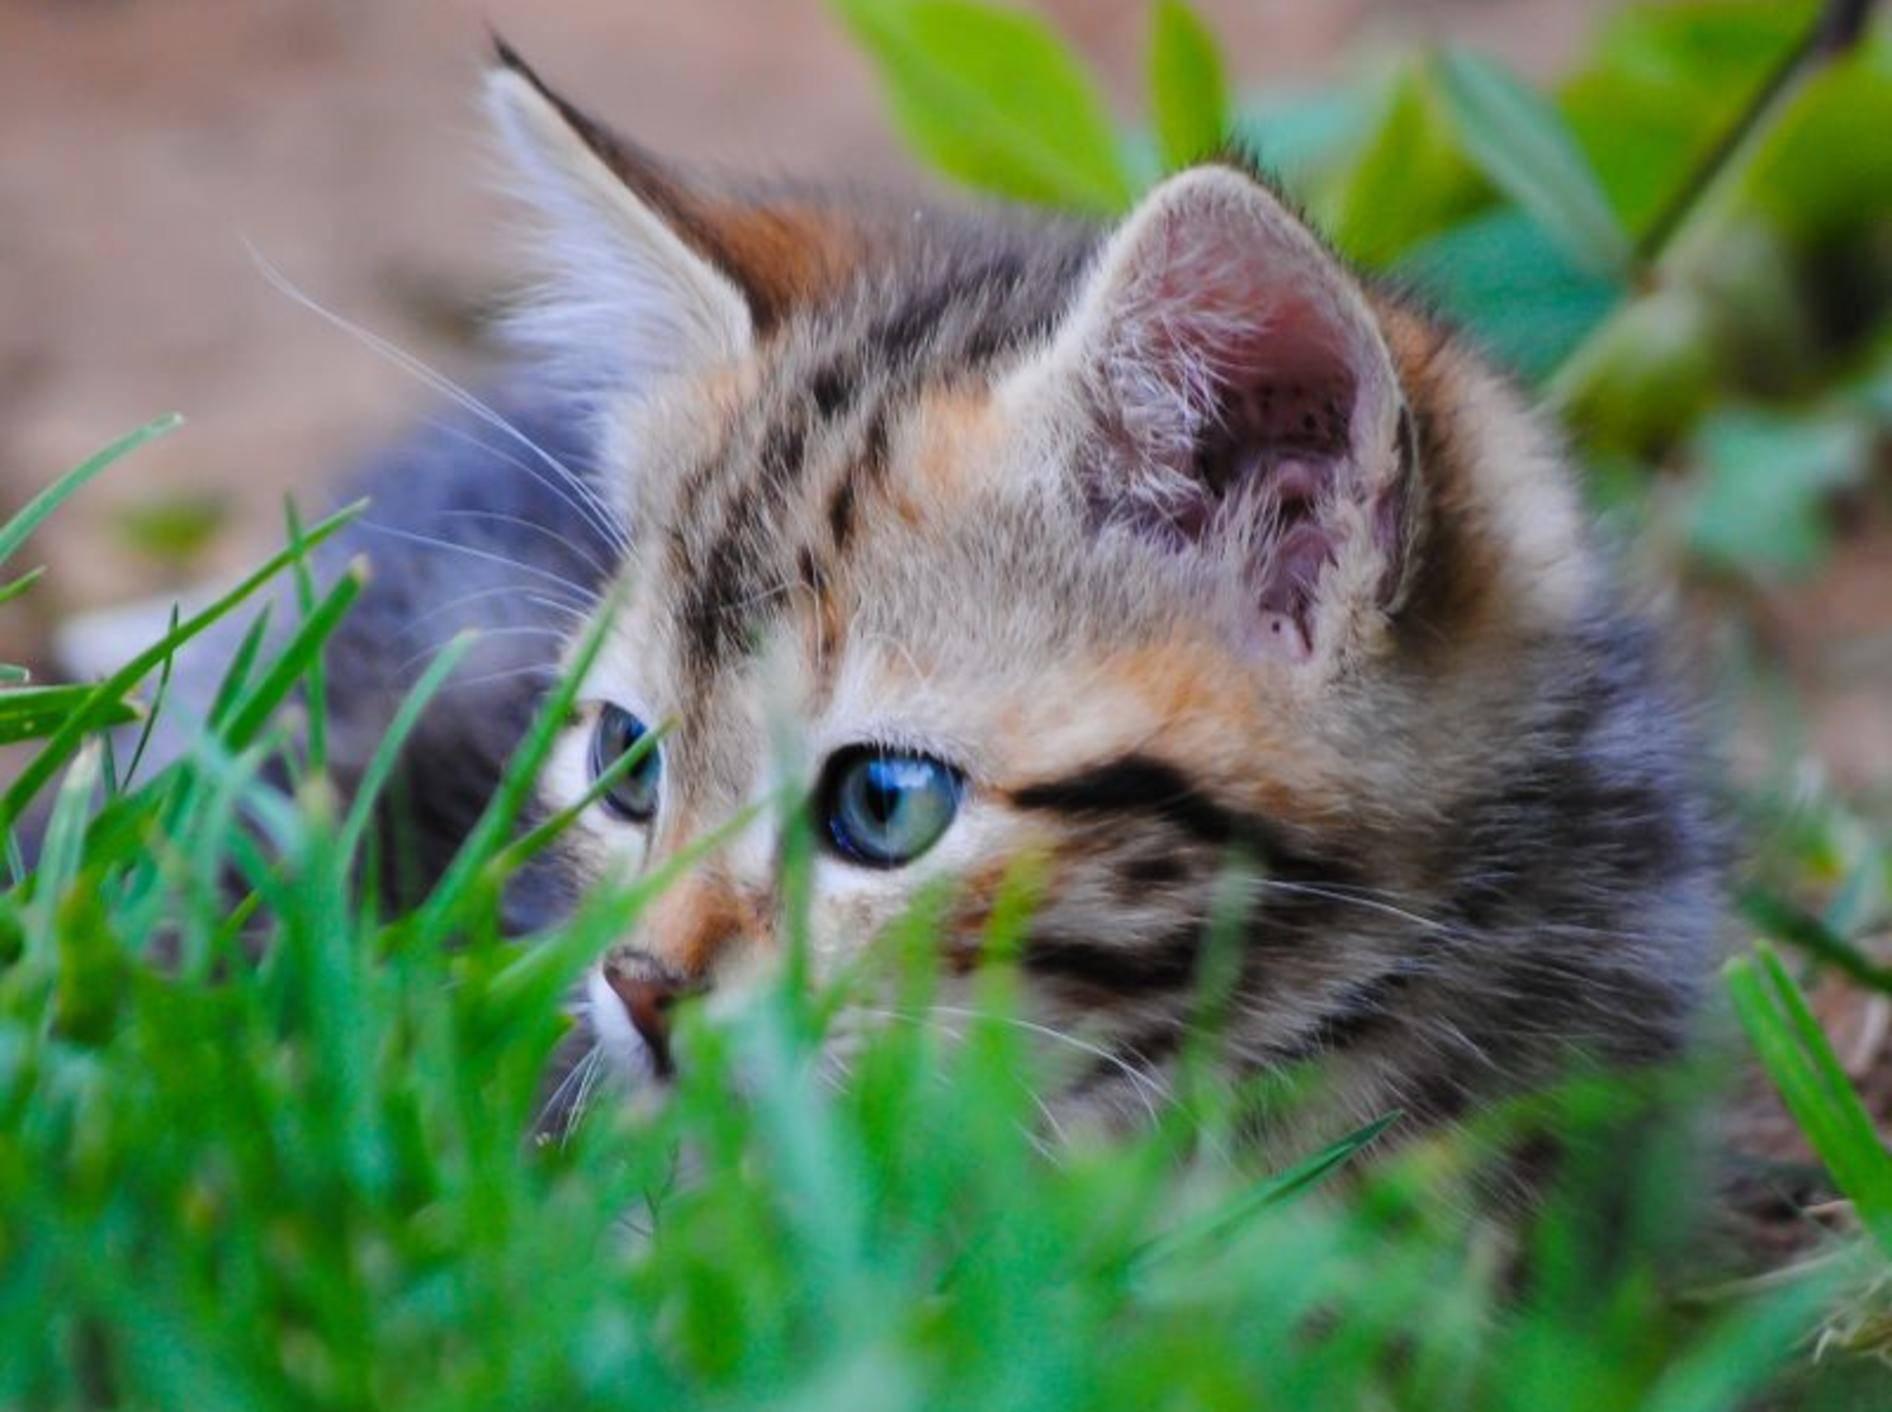 Junge Katzen sind besonders anfällig für Spulwürmer – Shutterstock / Jan Nor Photography